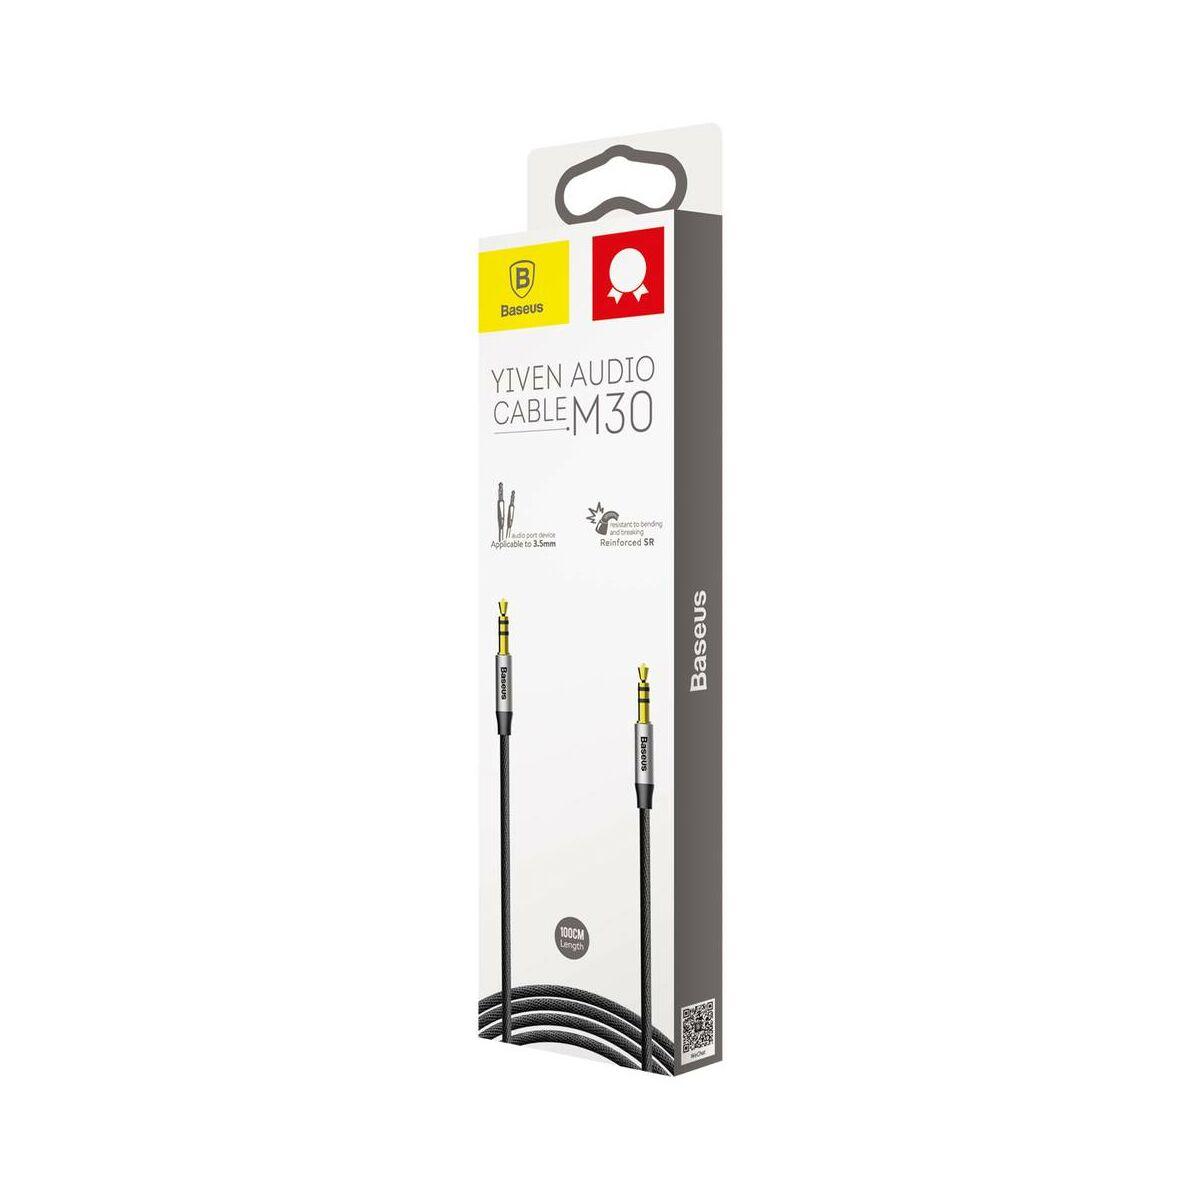 Baseus Audio kábel, Yiven M30 AUX 1m, ezüst/fekete (CAM30-BS1)